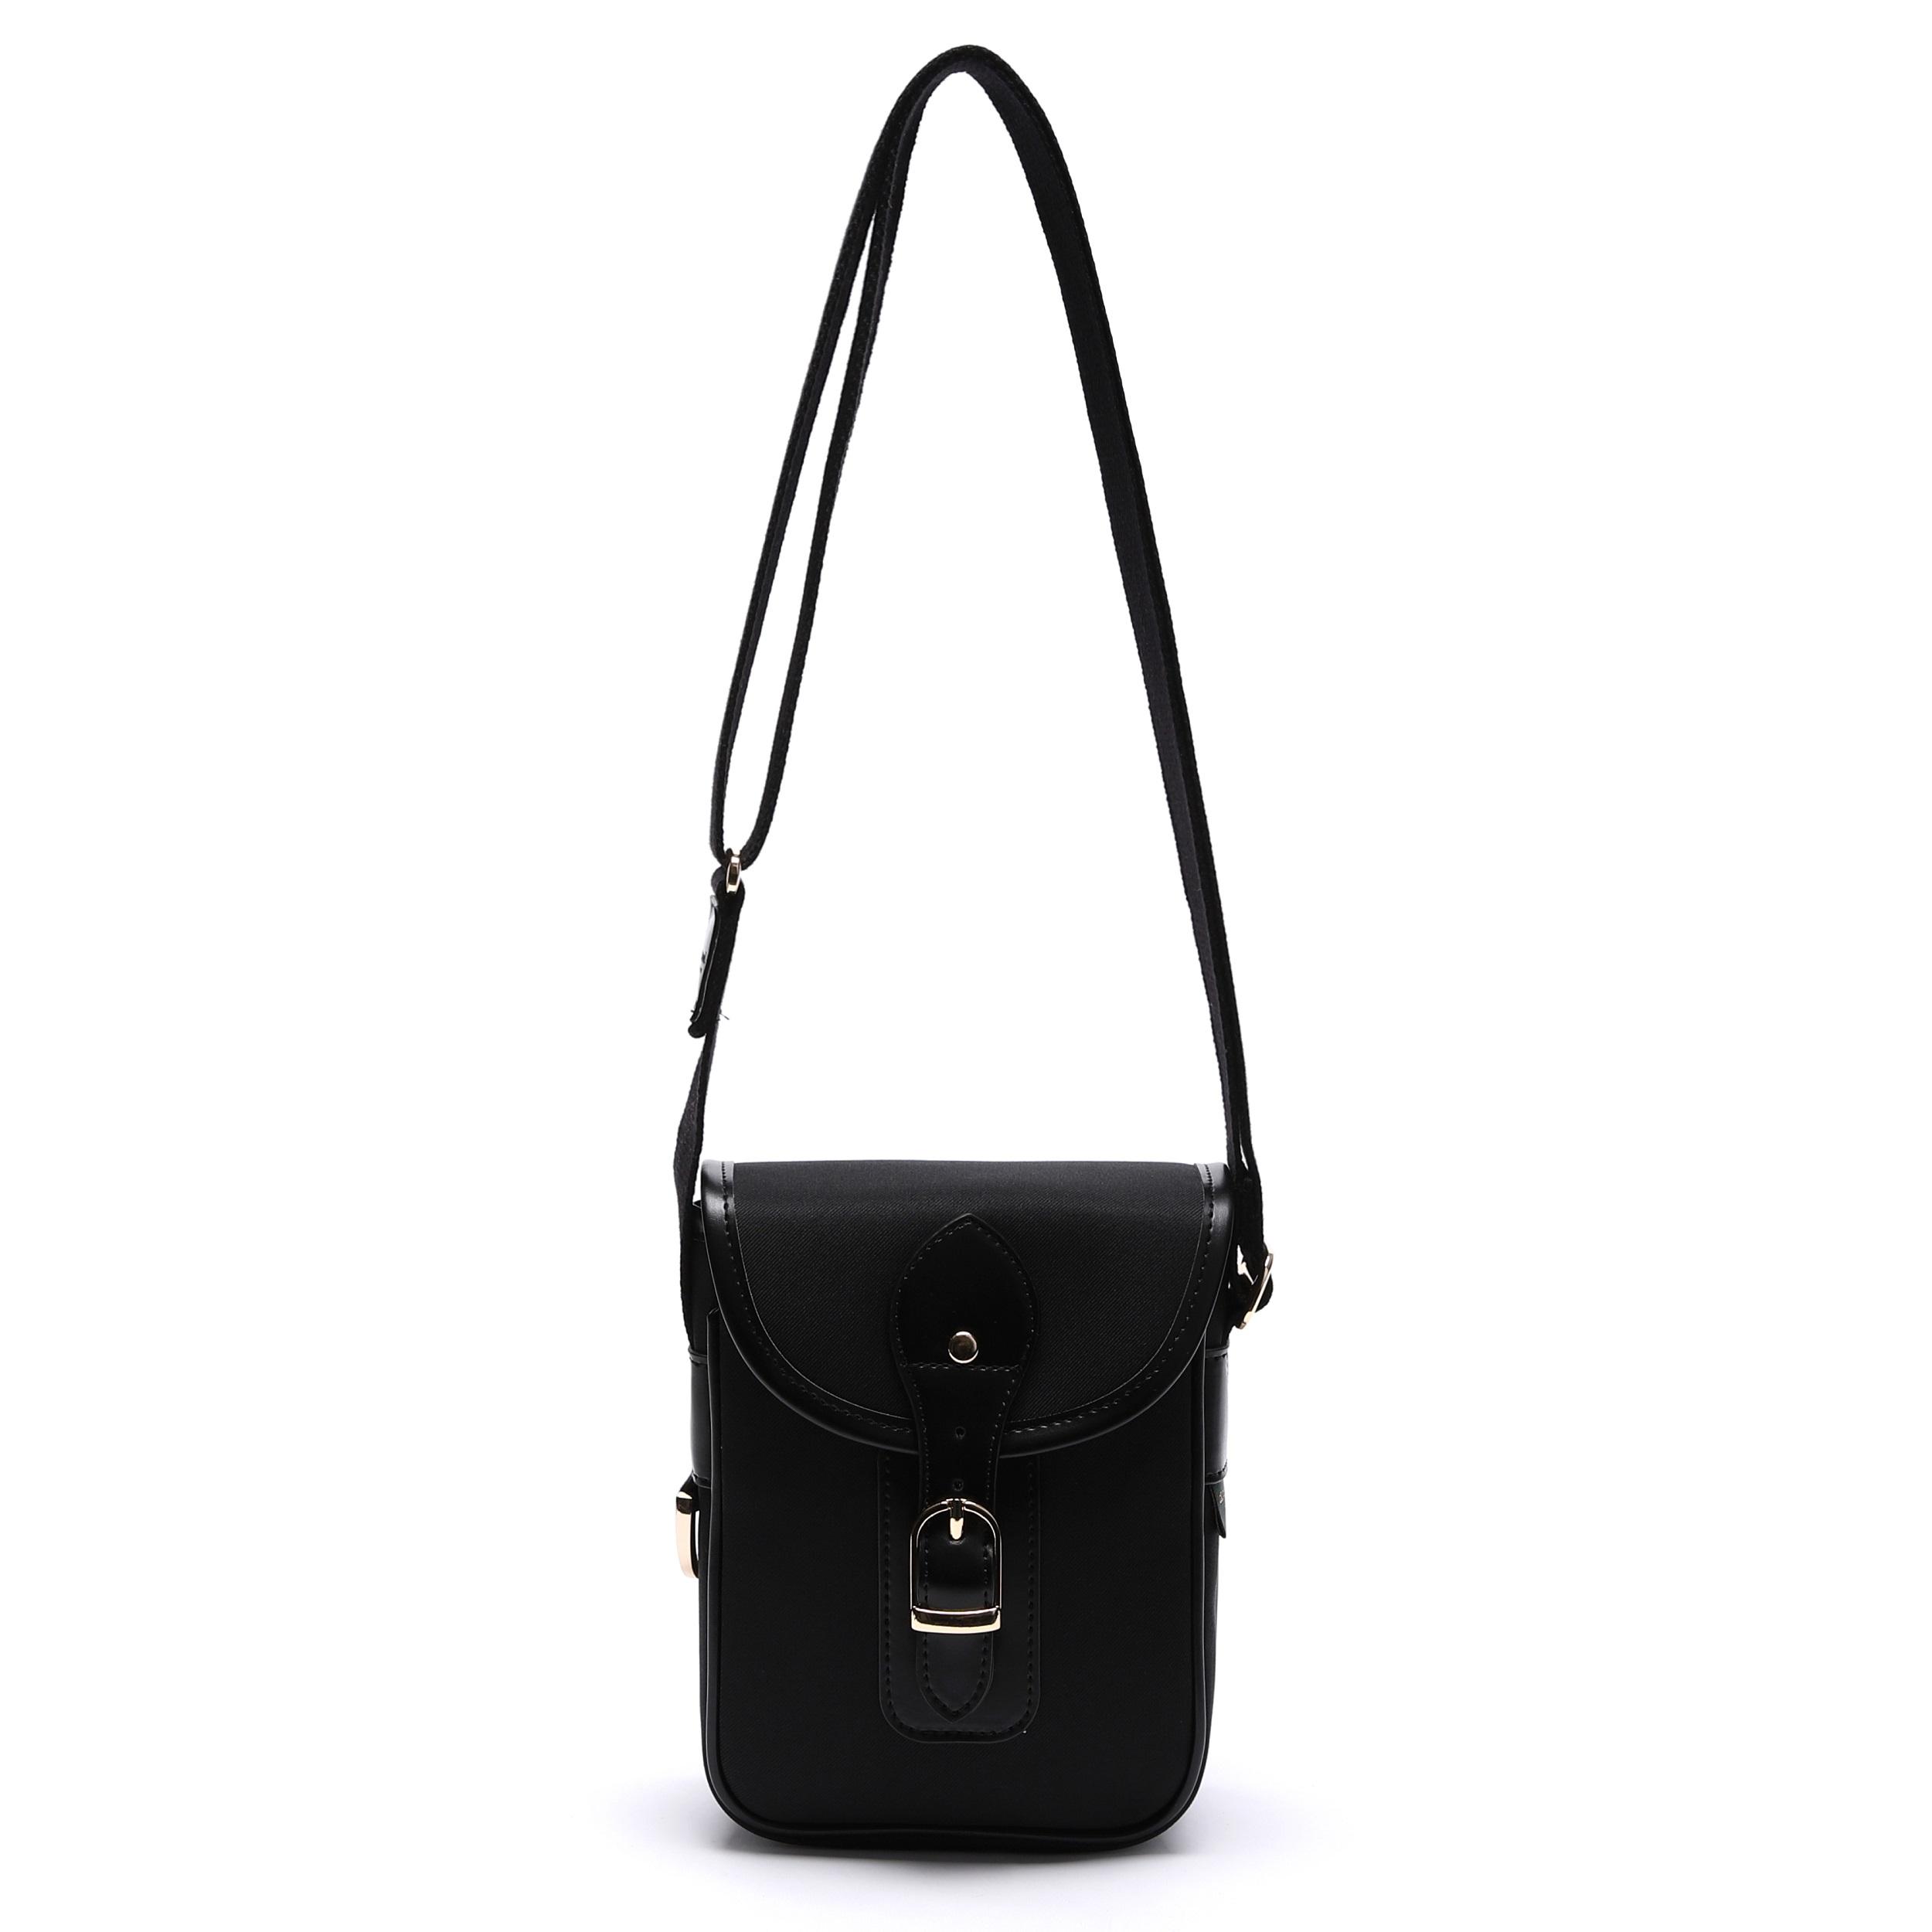 아날로그무드 다이어리 크로스백 (블랙) 카메라 숄더백 아메카지 가방